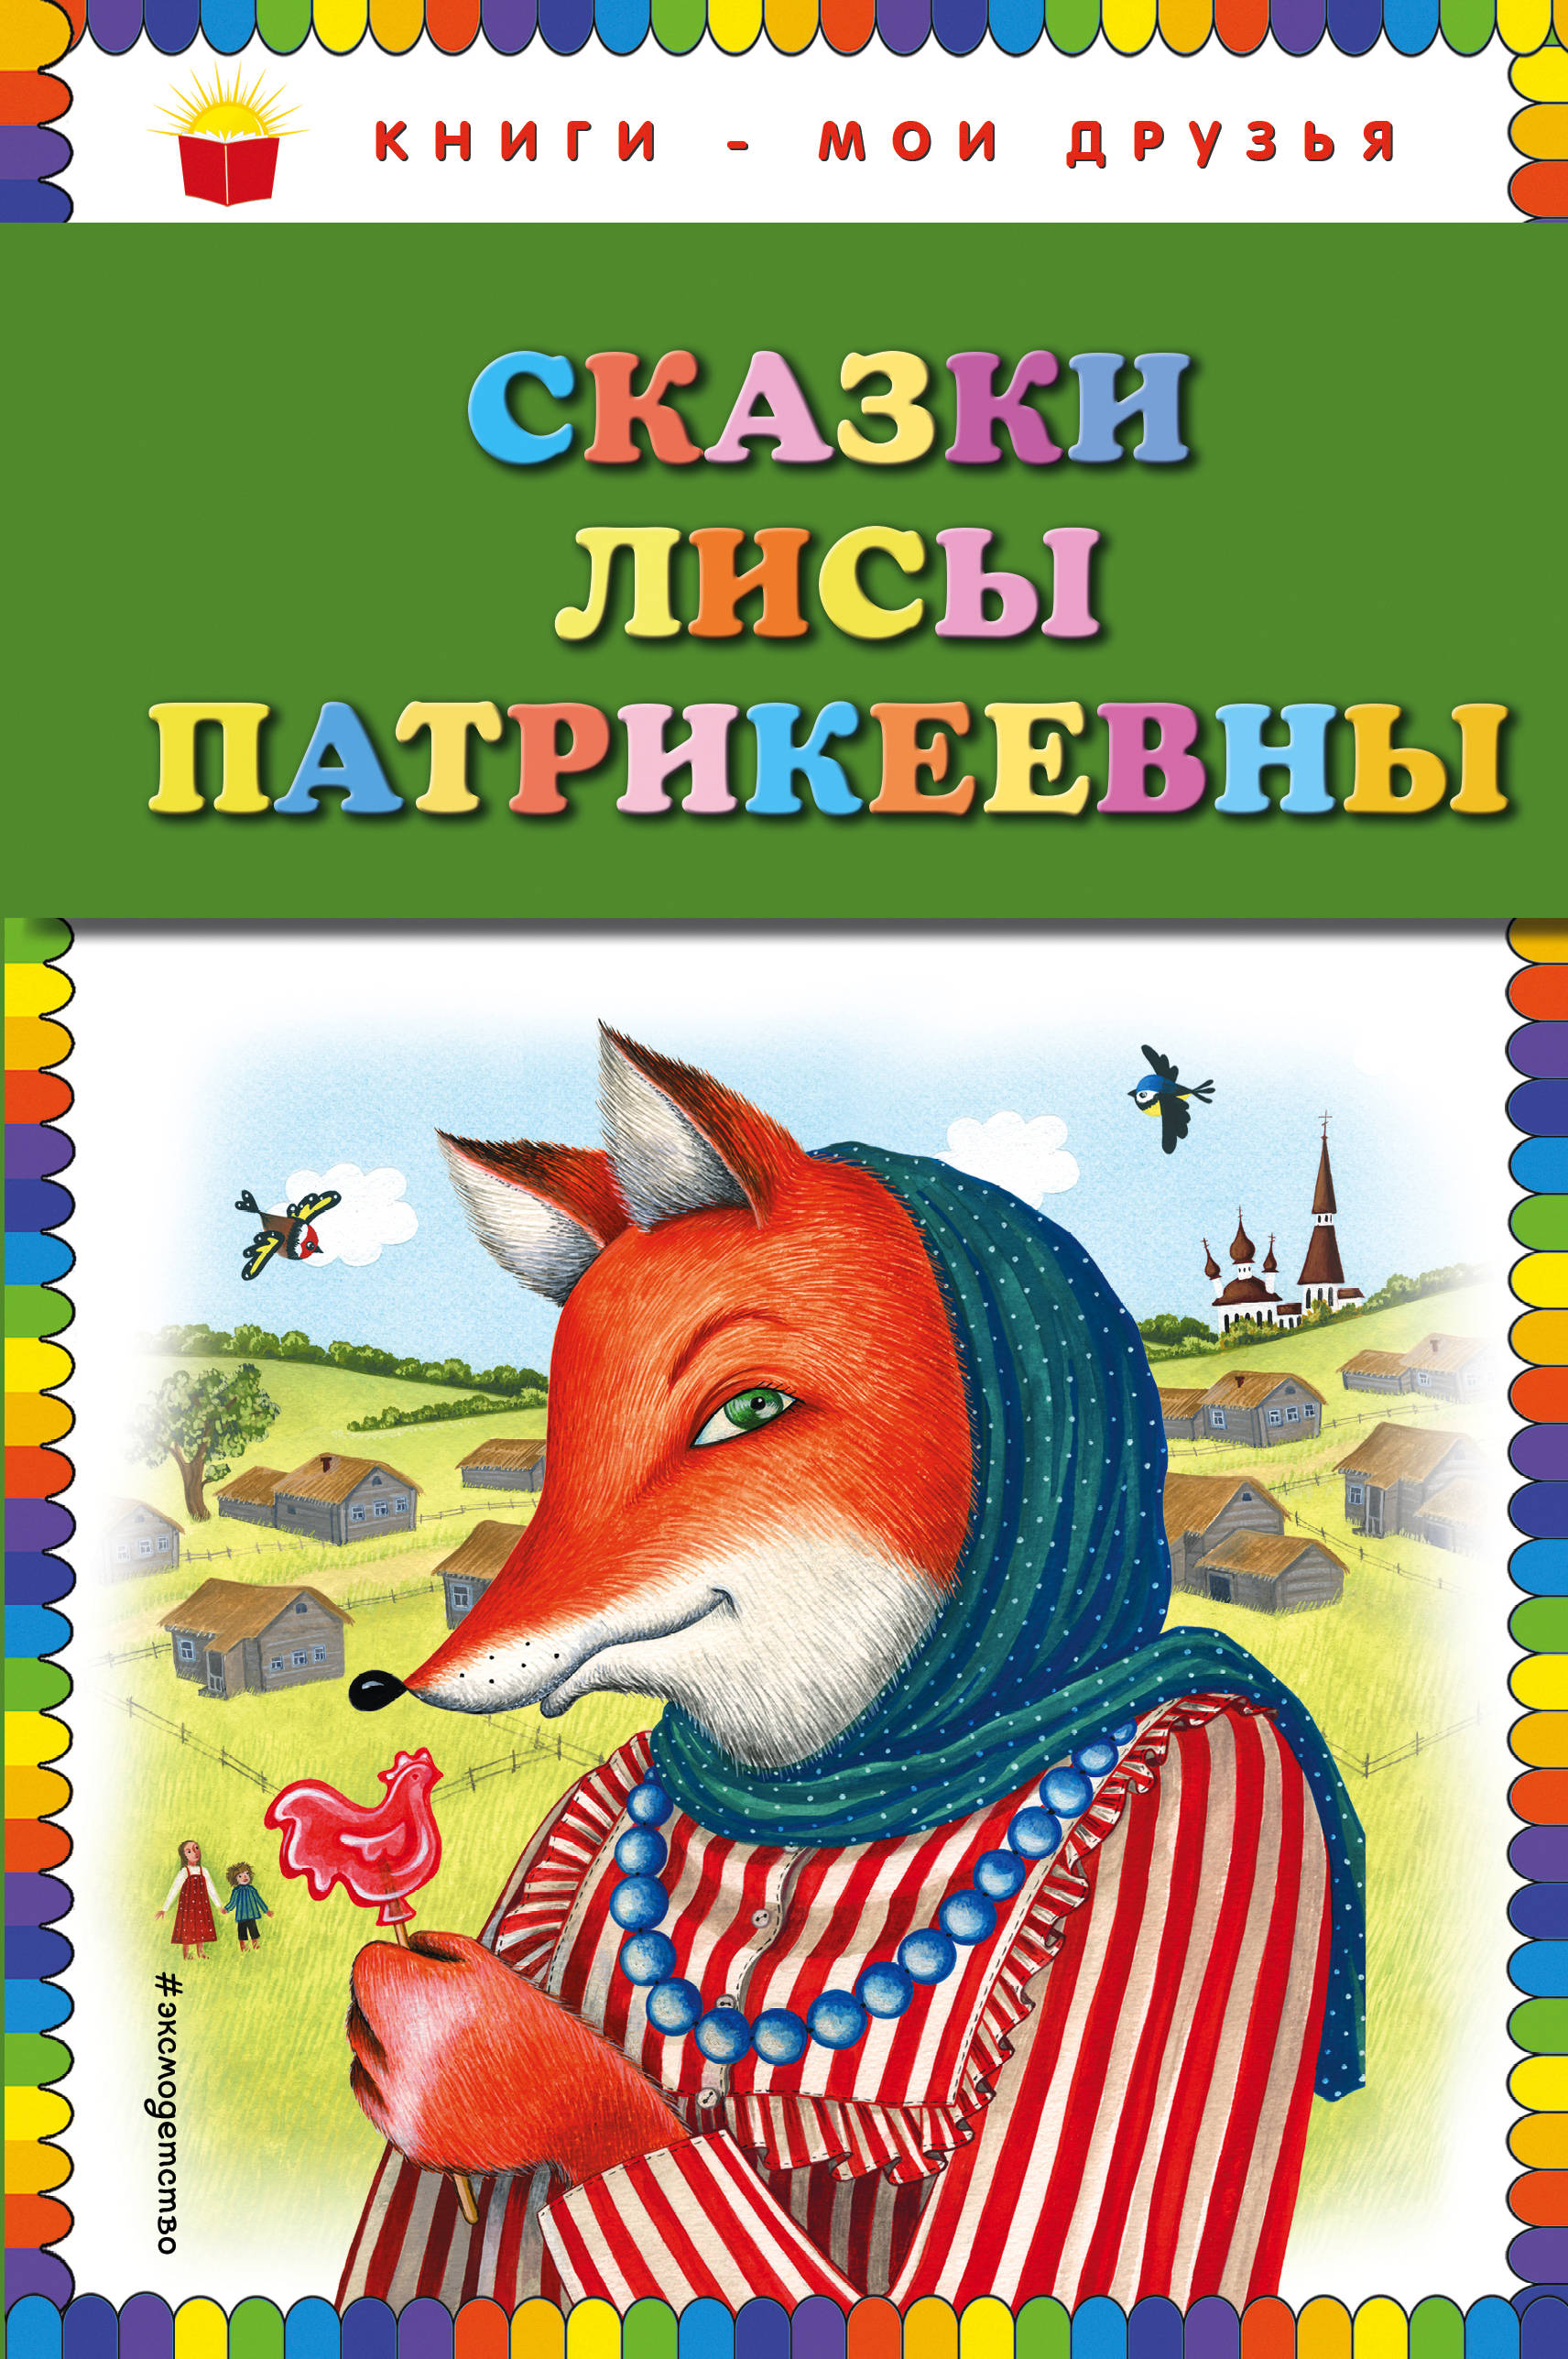 Сказки Лисы Патрикеевны спокойной ночи сказки для самых маленьких cdmp3